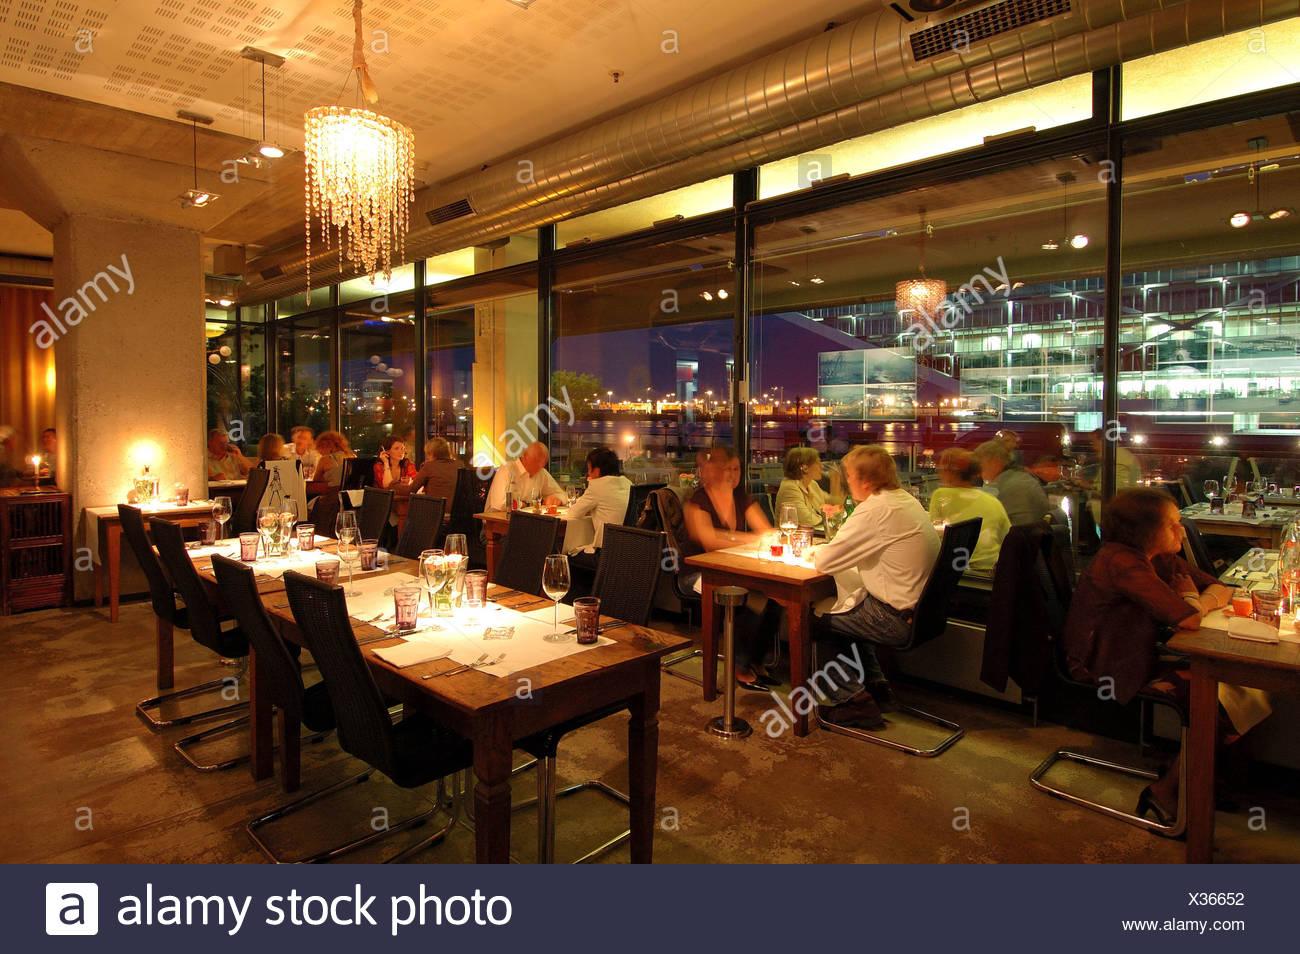 Interieur, Restaurant Au Quai, Altona, Hamburg, Deutschland ...